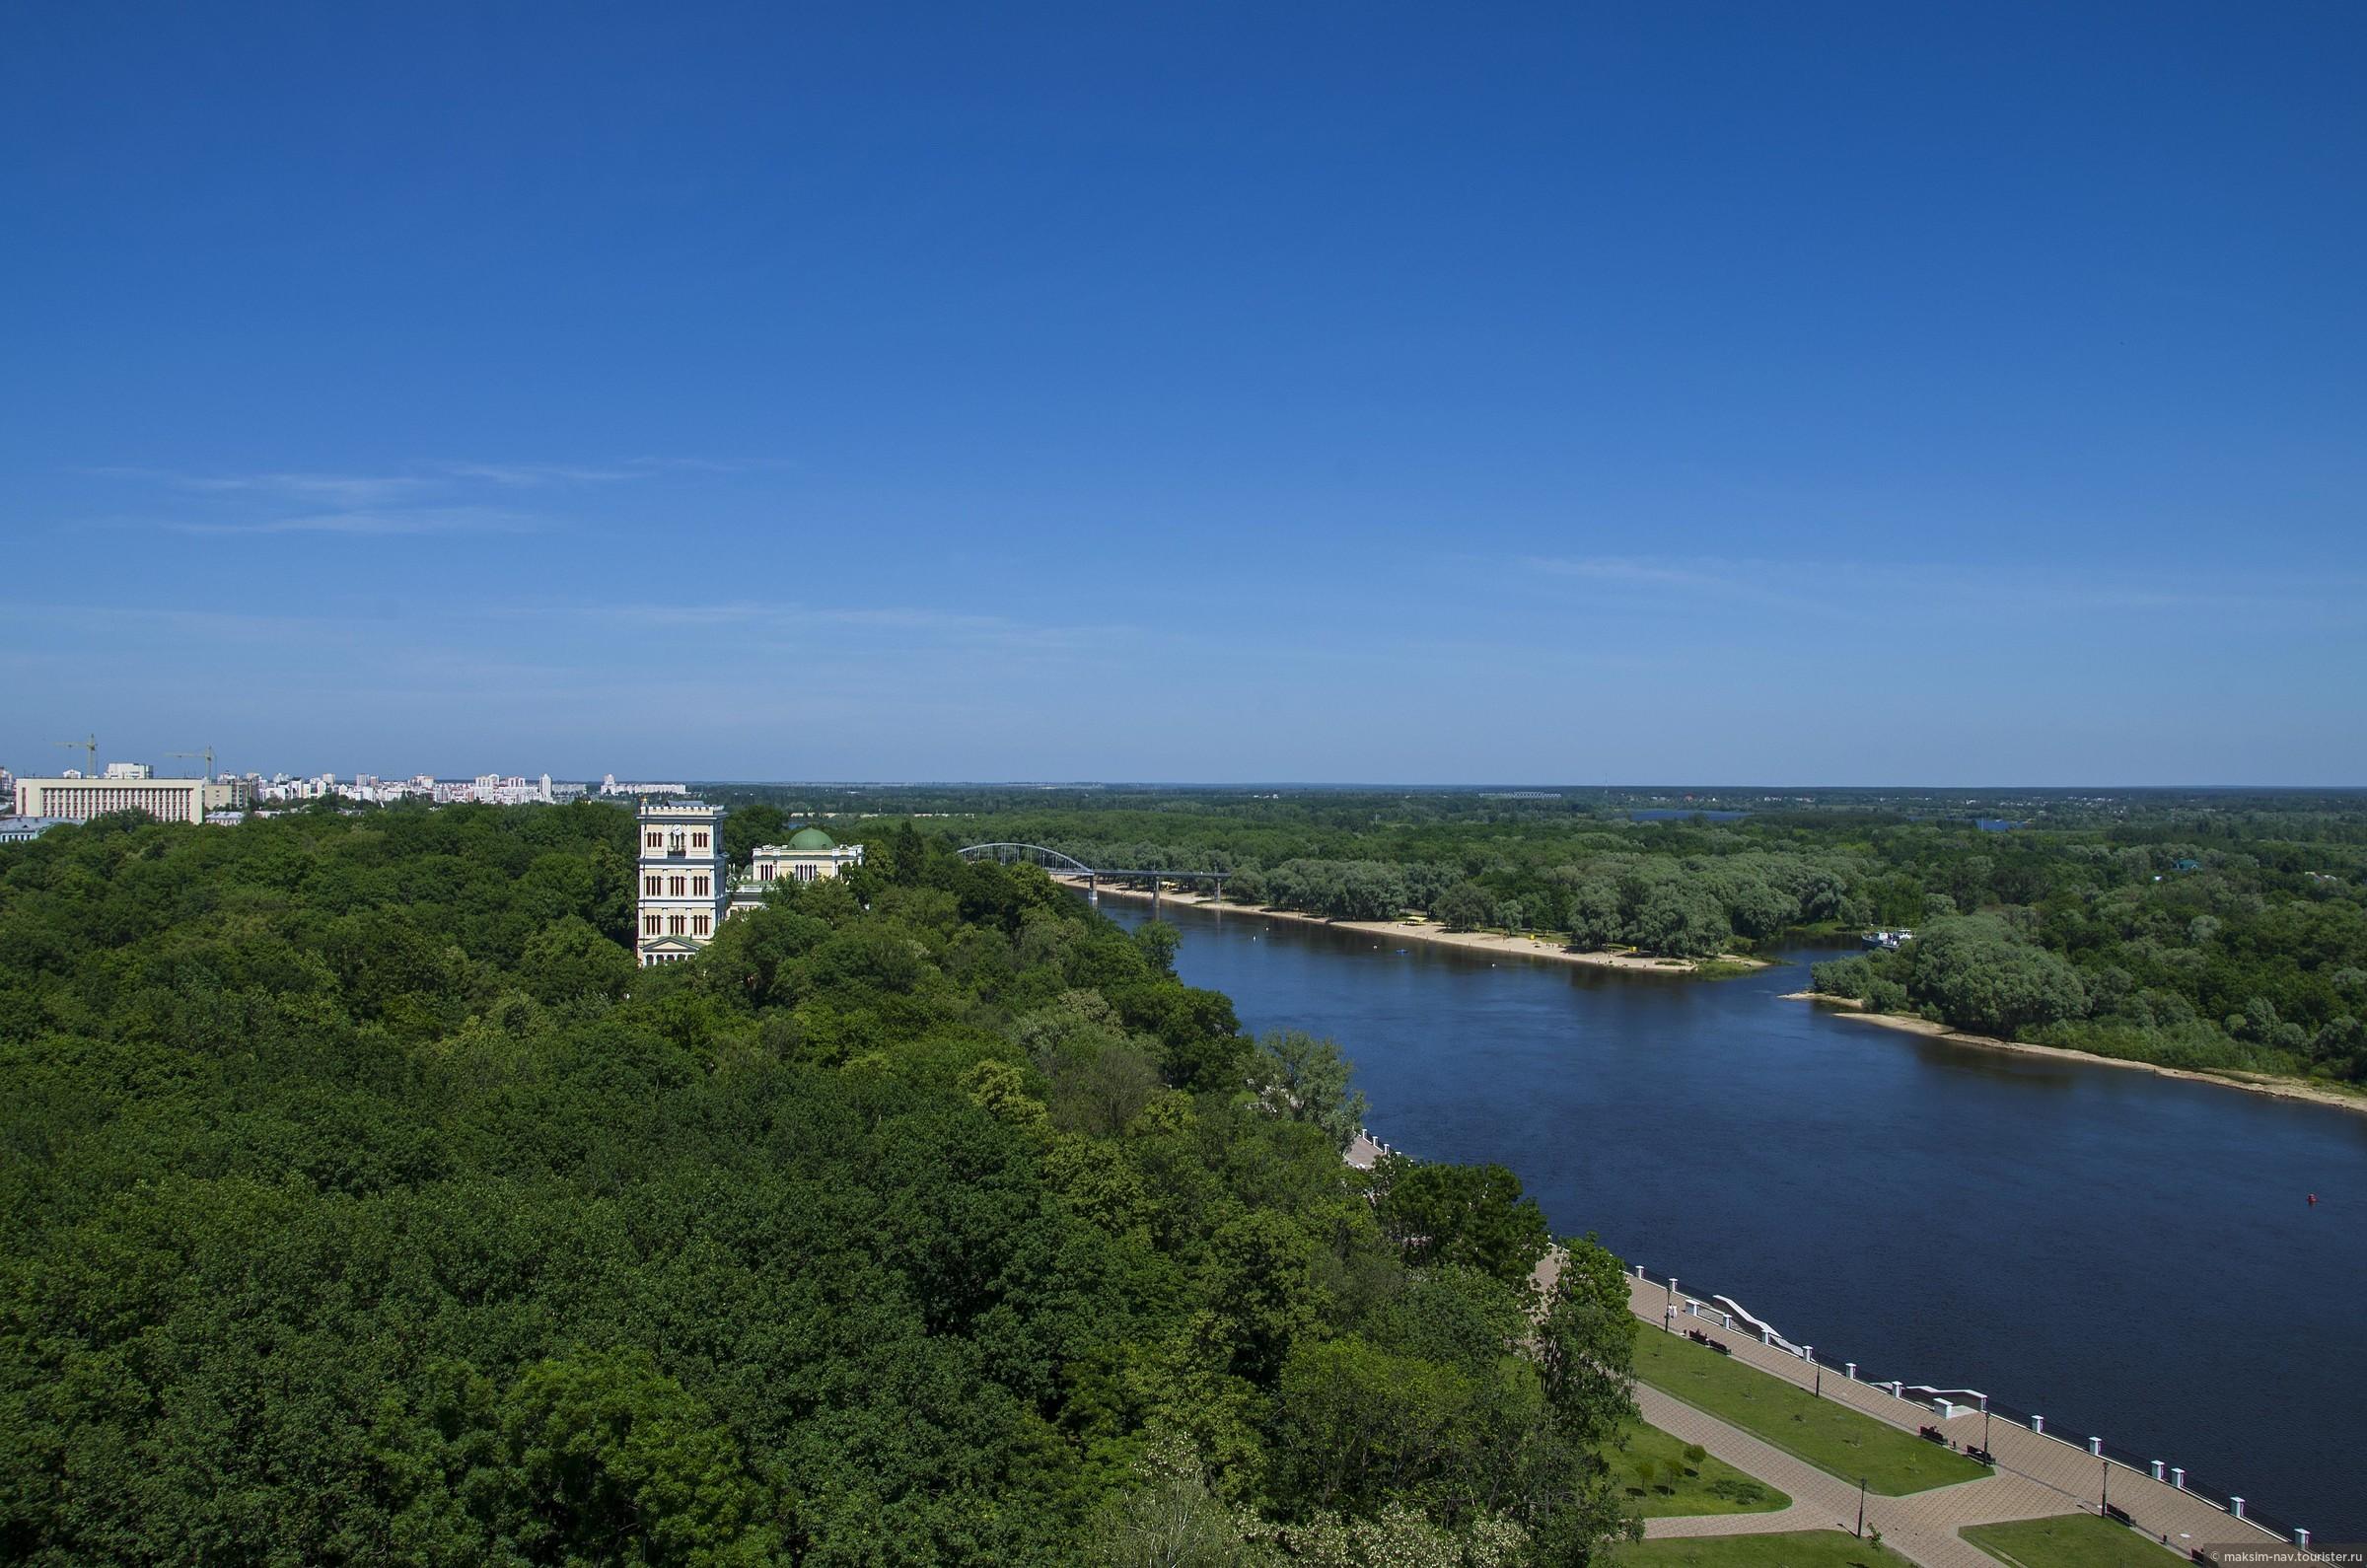 По очень узкой лестнице поднимаемся на верх (190 ступеней), цена билета 15000 старых белорусских рублей (примерно 50 руб.), Гомельский дворцово-парковый ансамбль.